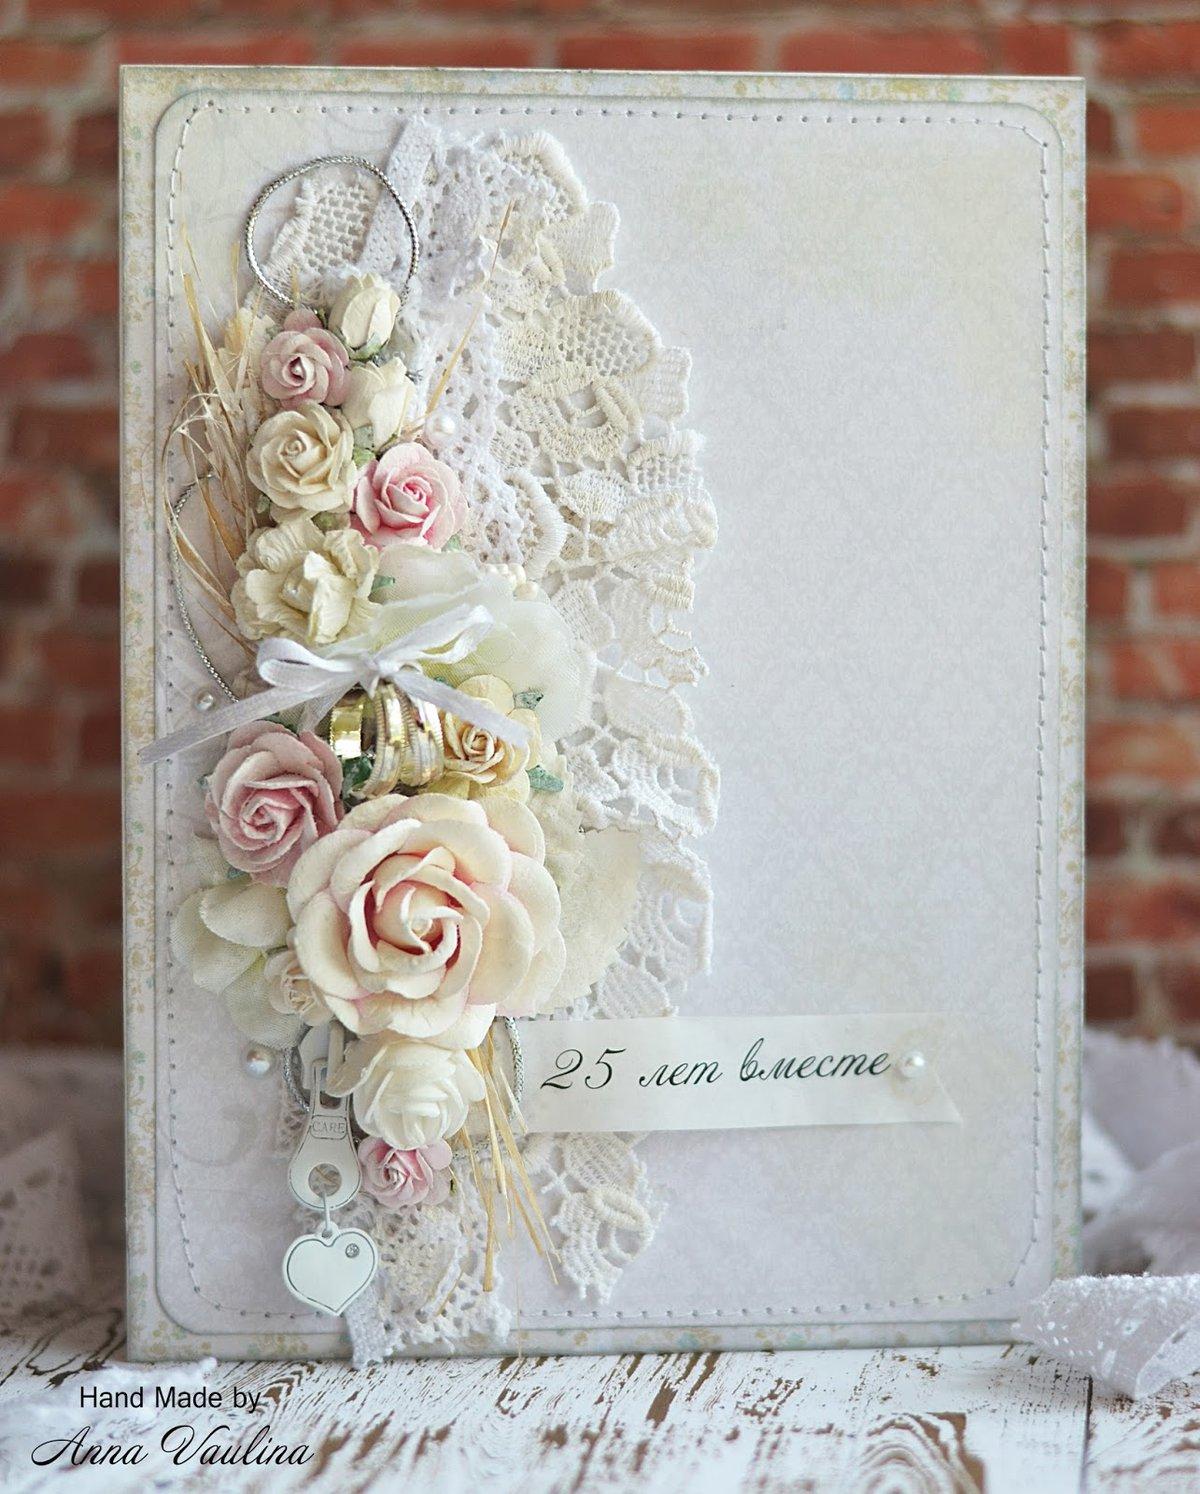 Как оформлять открытки со свадьбой, отличить